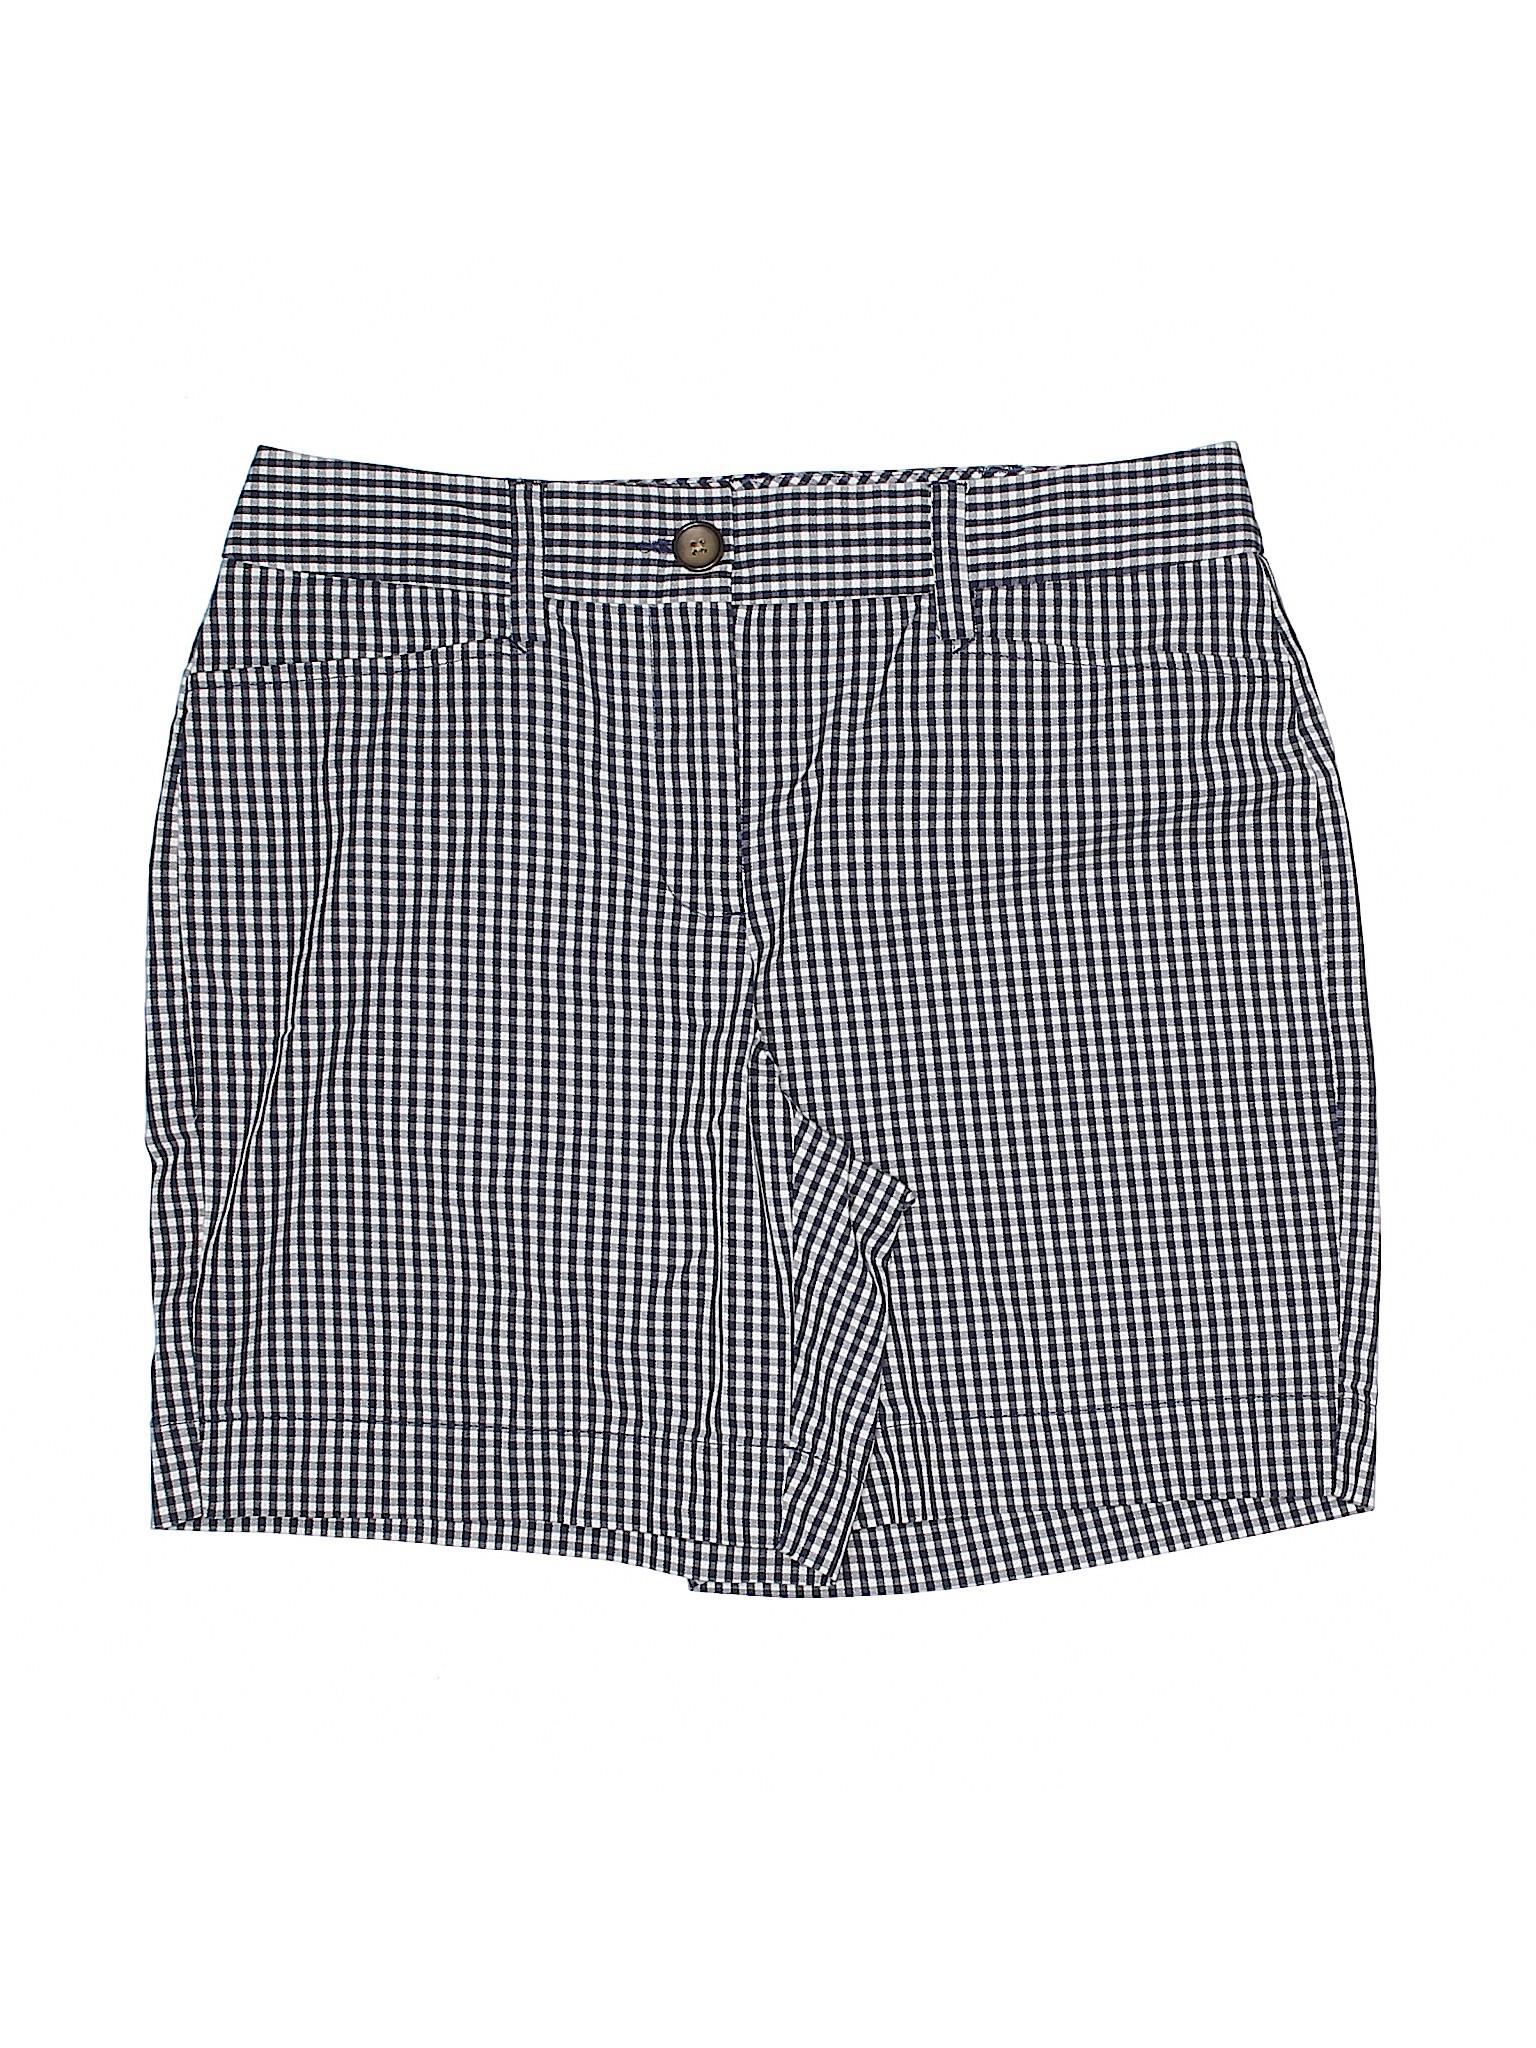 End Khaki Boutique Lands' Lands' Shorts Boutique 70ztxIxq